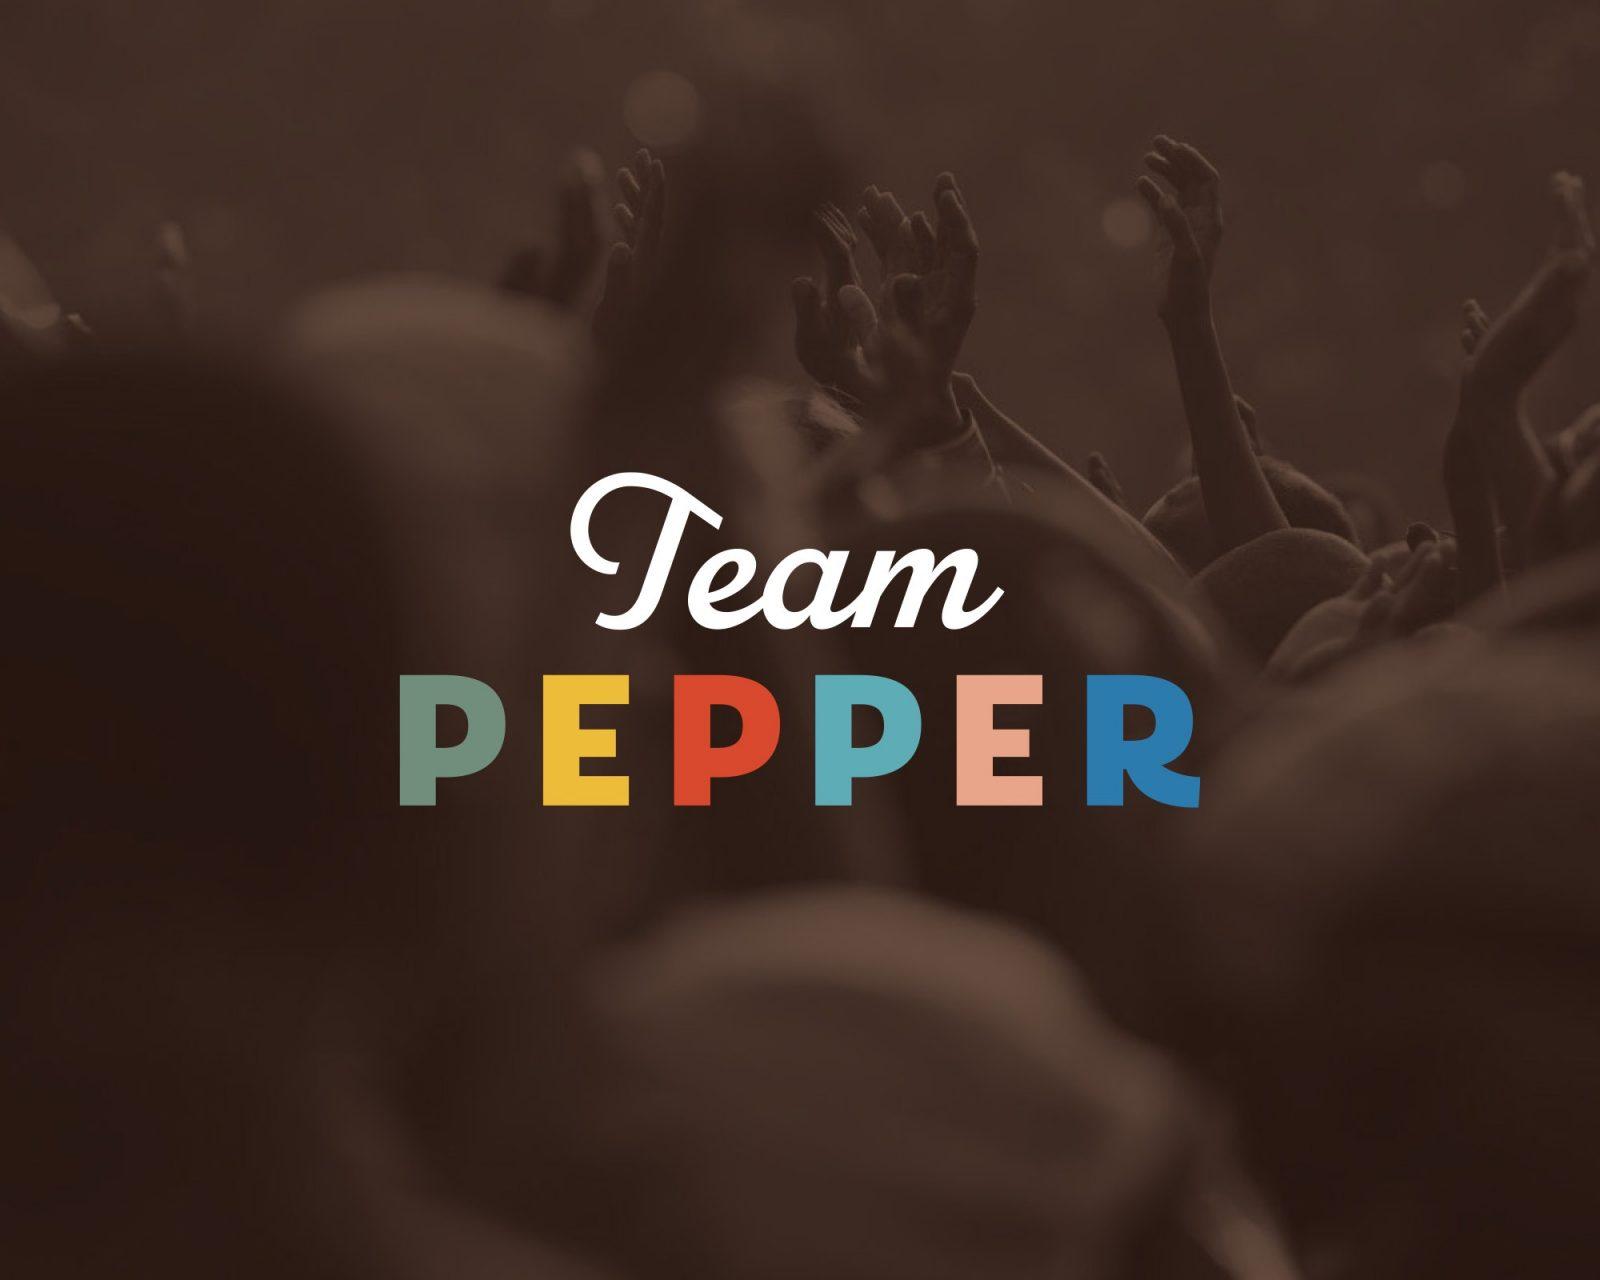 Team Pepper Brand Design by Letterlust Studio